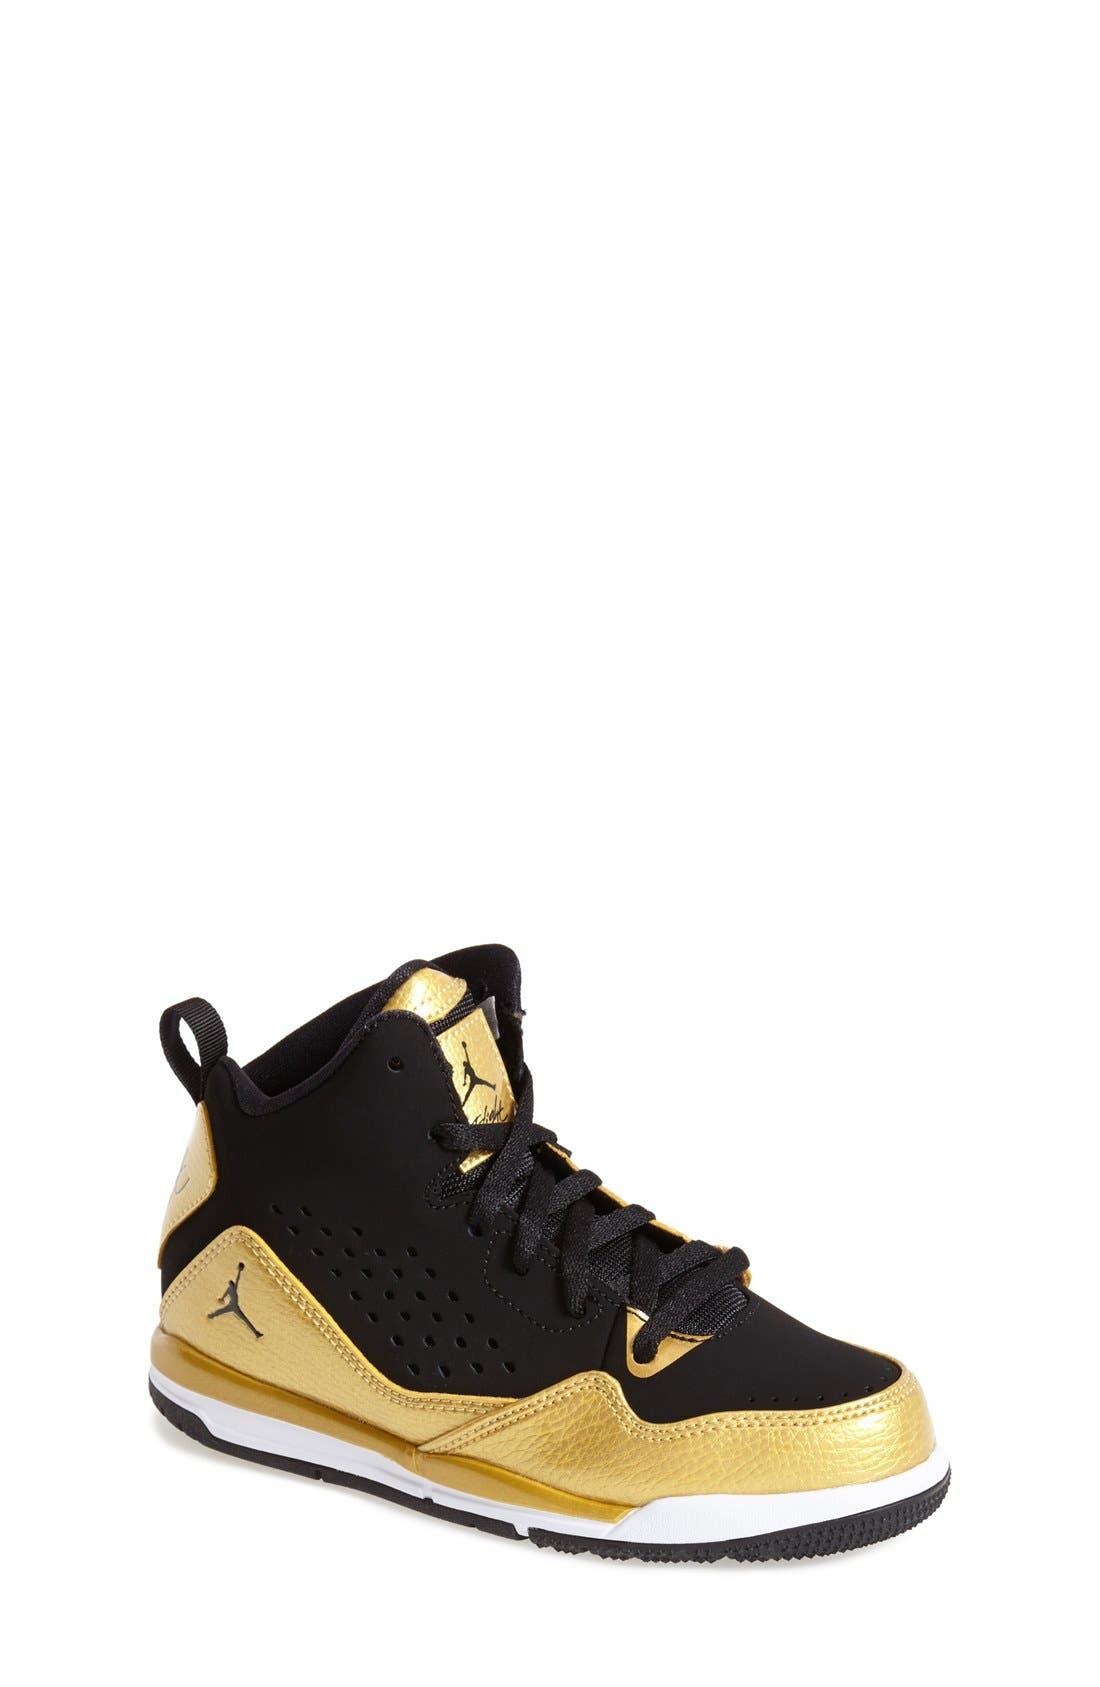 Main Image - Nike 'Jordan SC3' Basketball Shoe (Toddler & Little Kid)